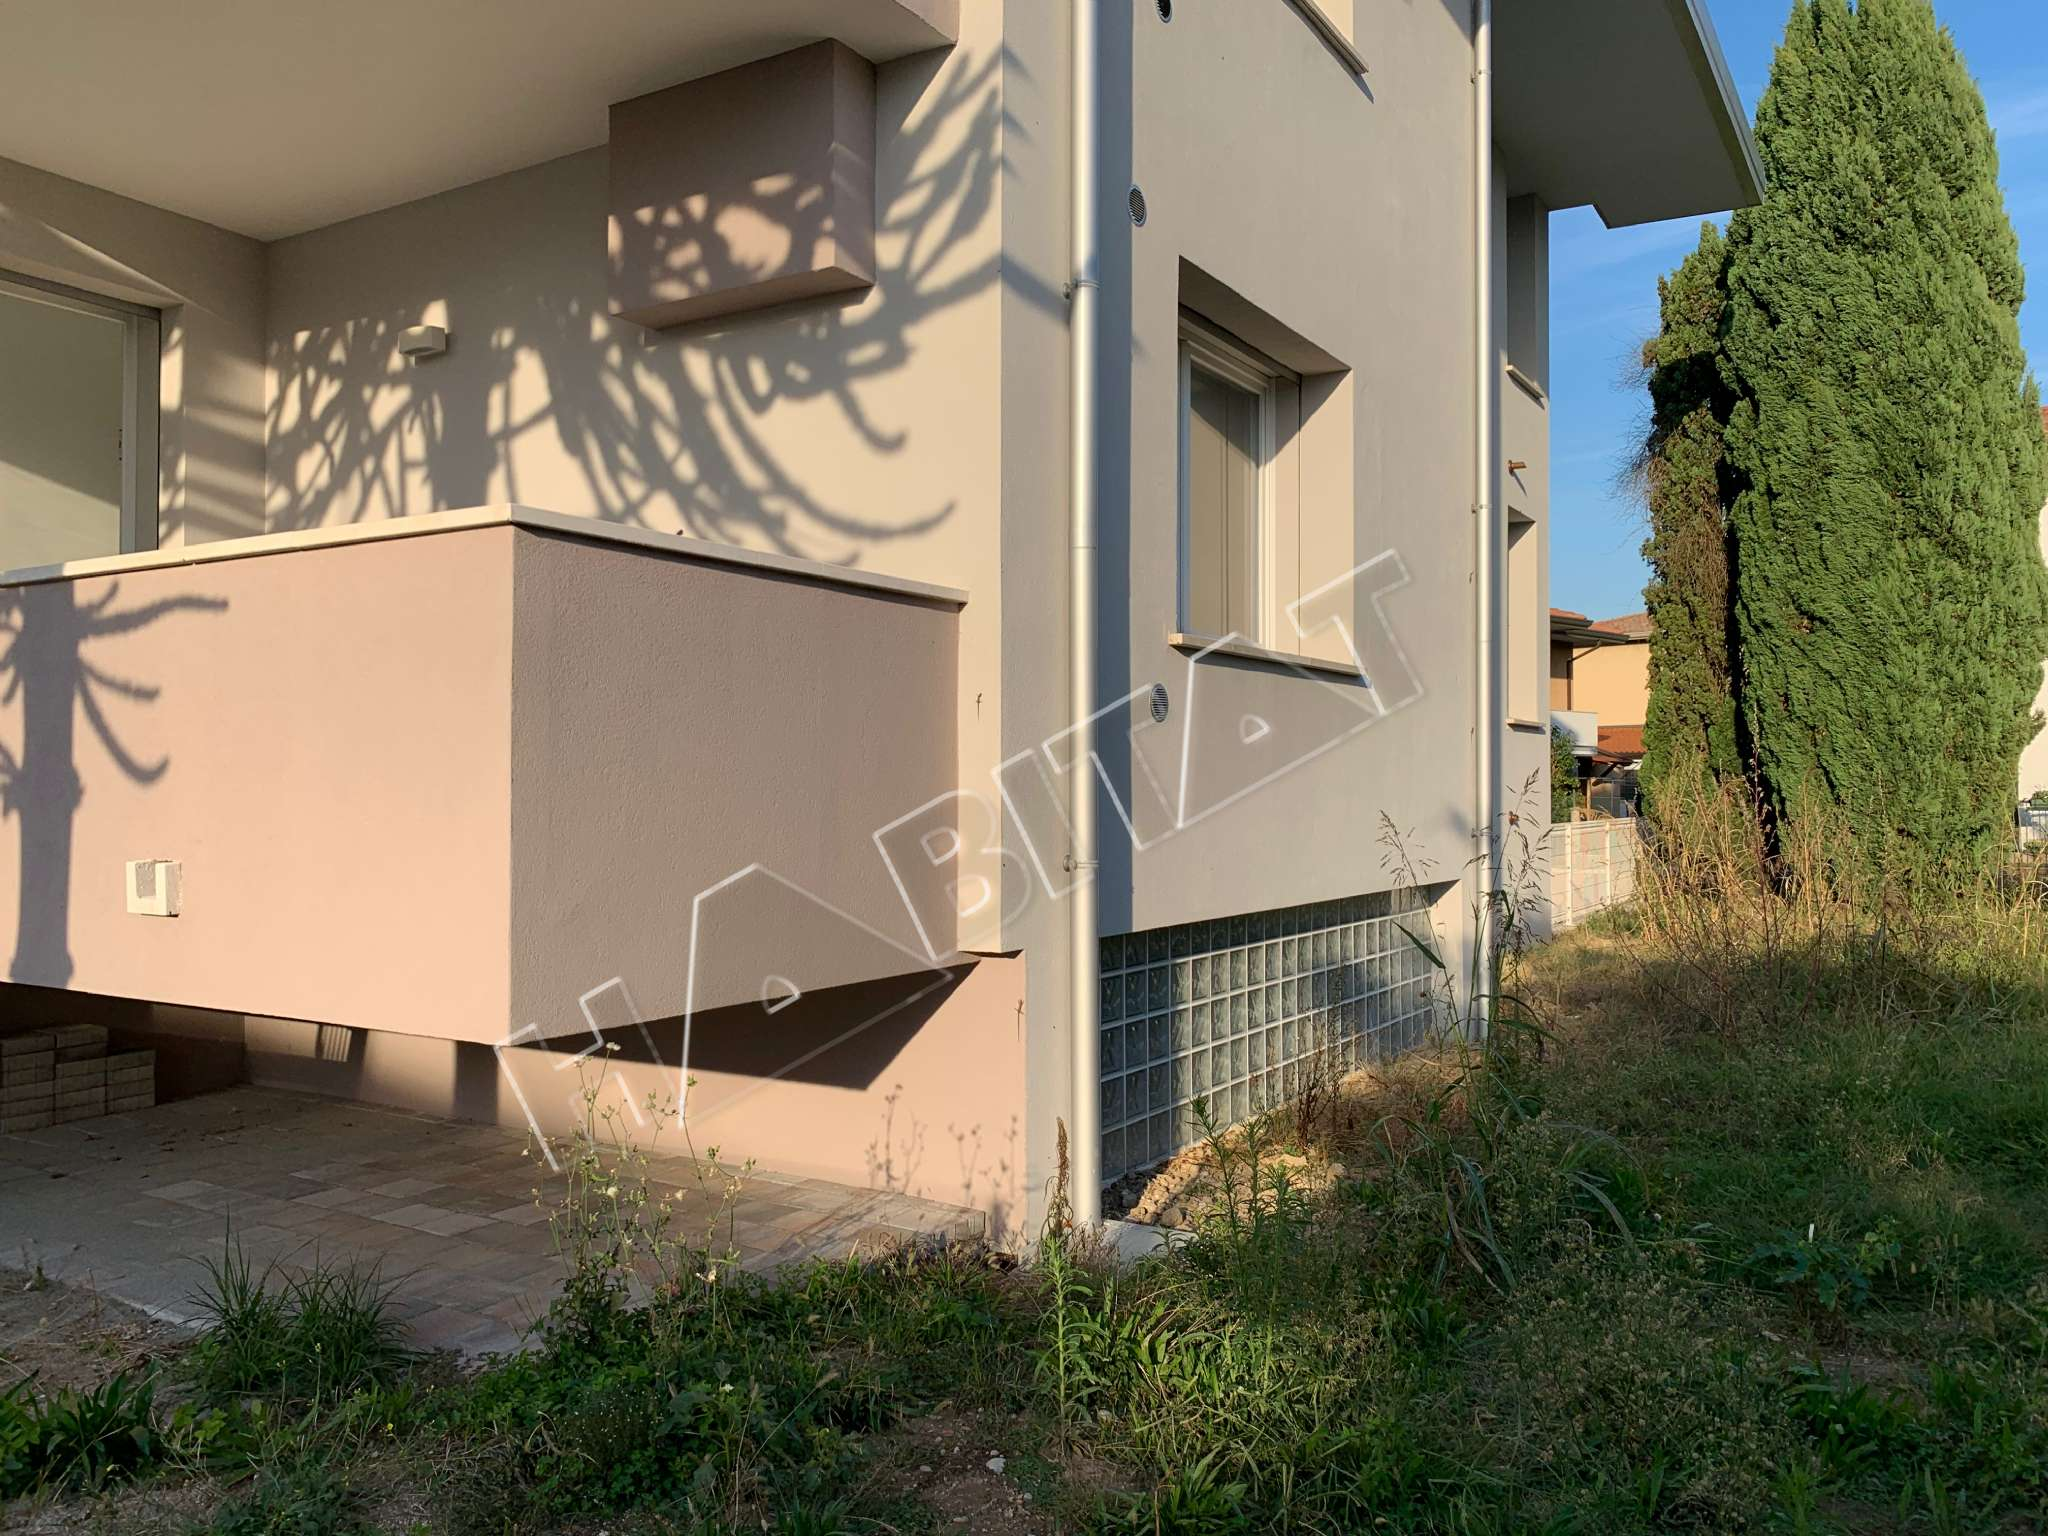 Appartamento in vendita a Albignasego, 4 locali, prezzo € 228.000 | PortaleAgenzieImmobiliari.it